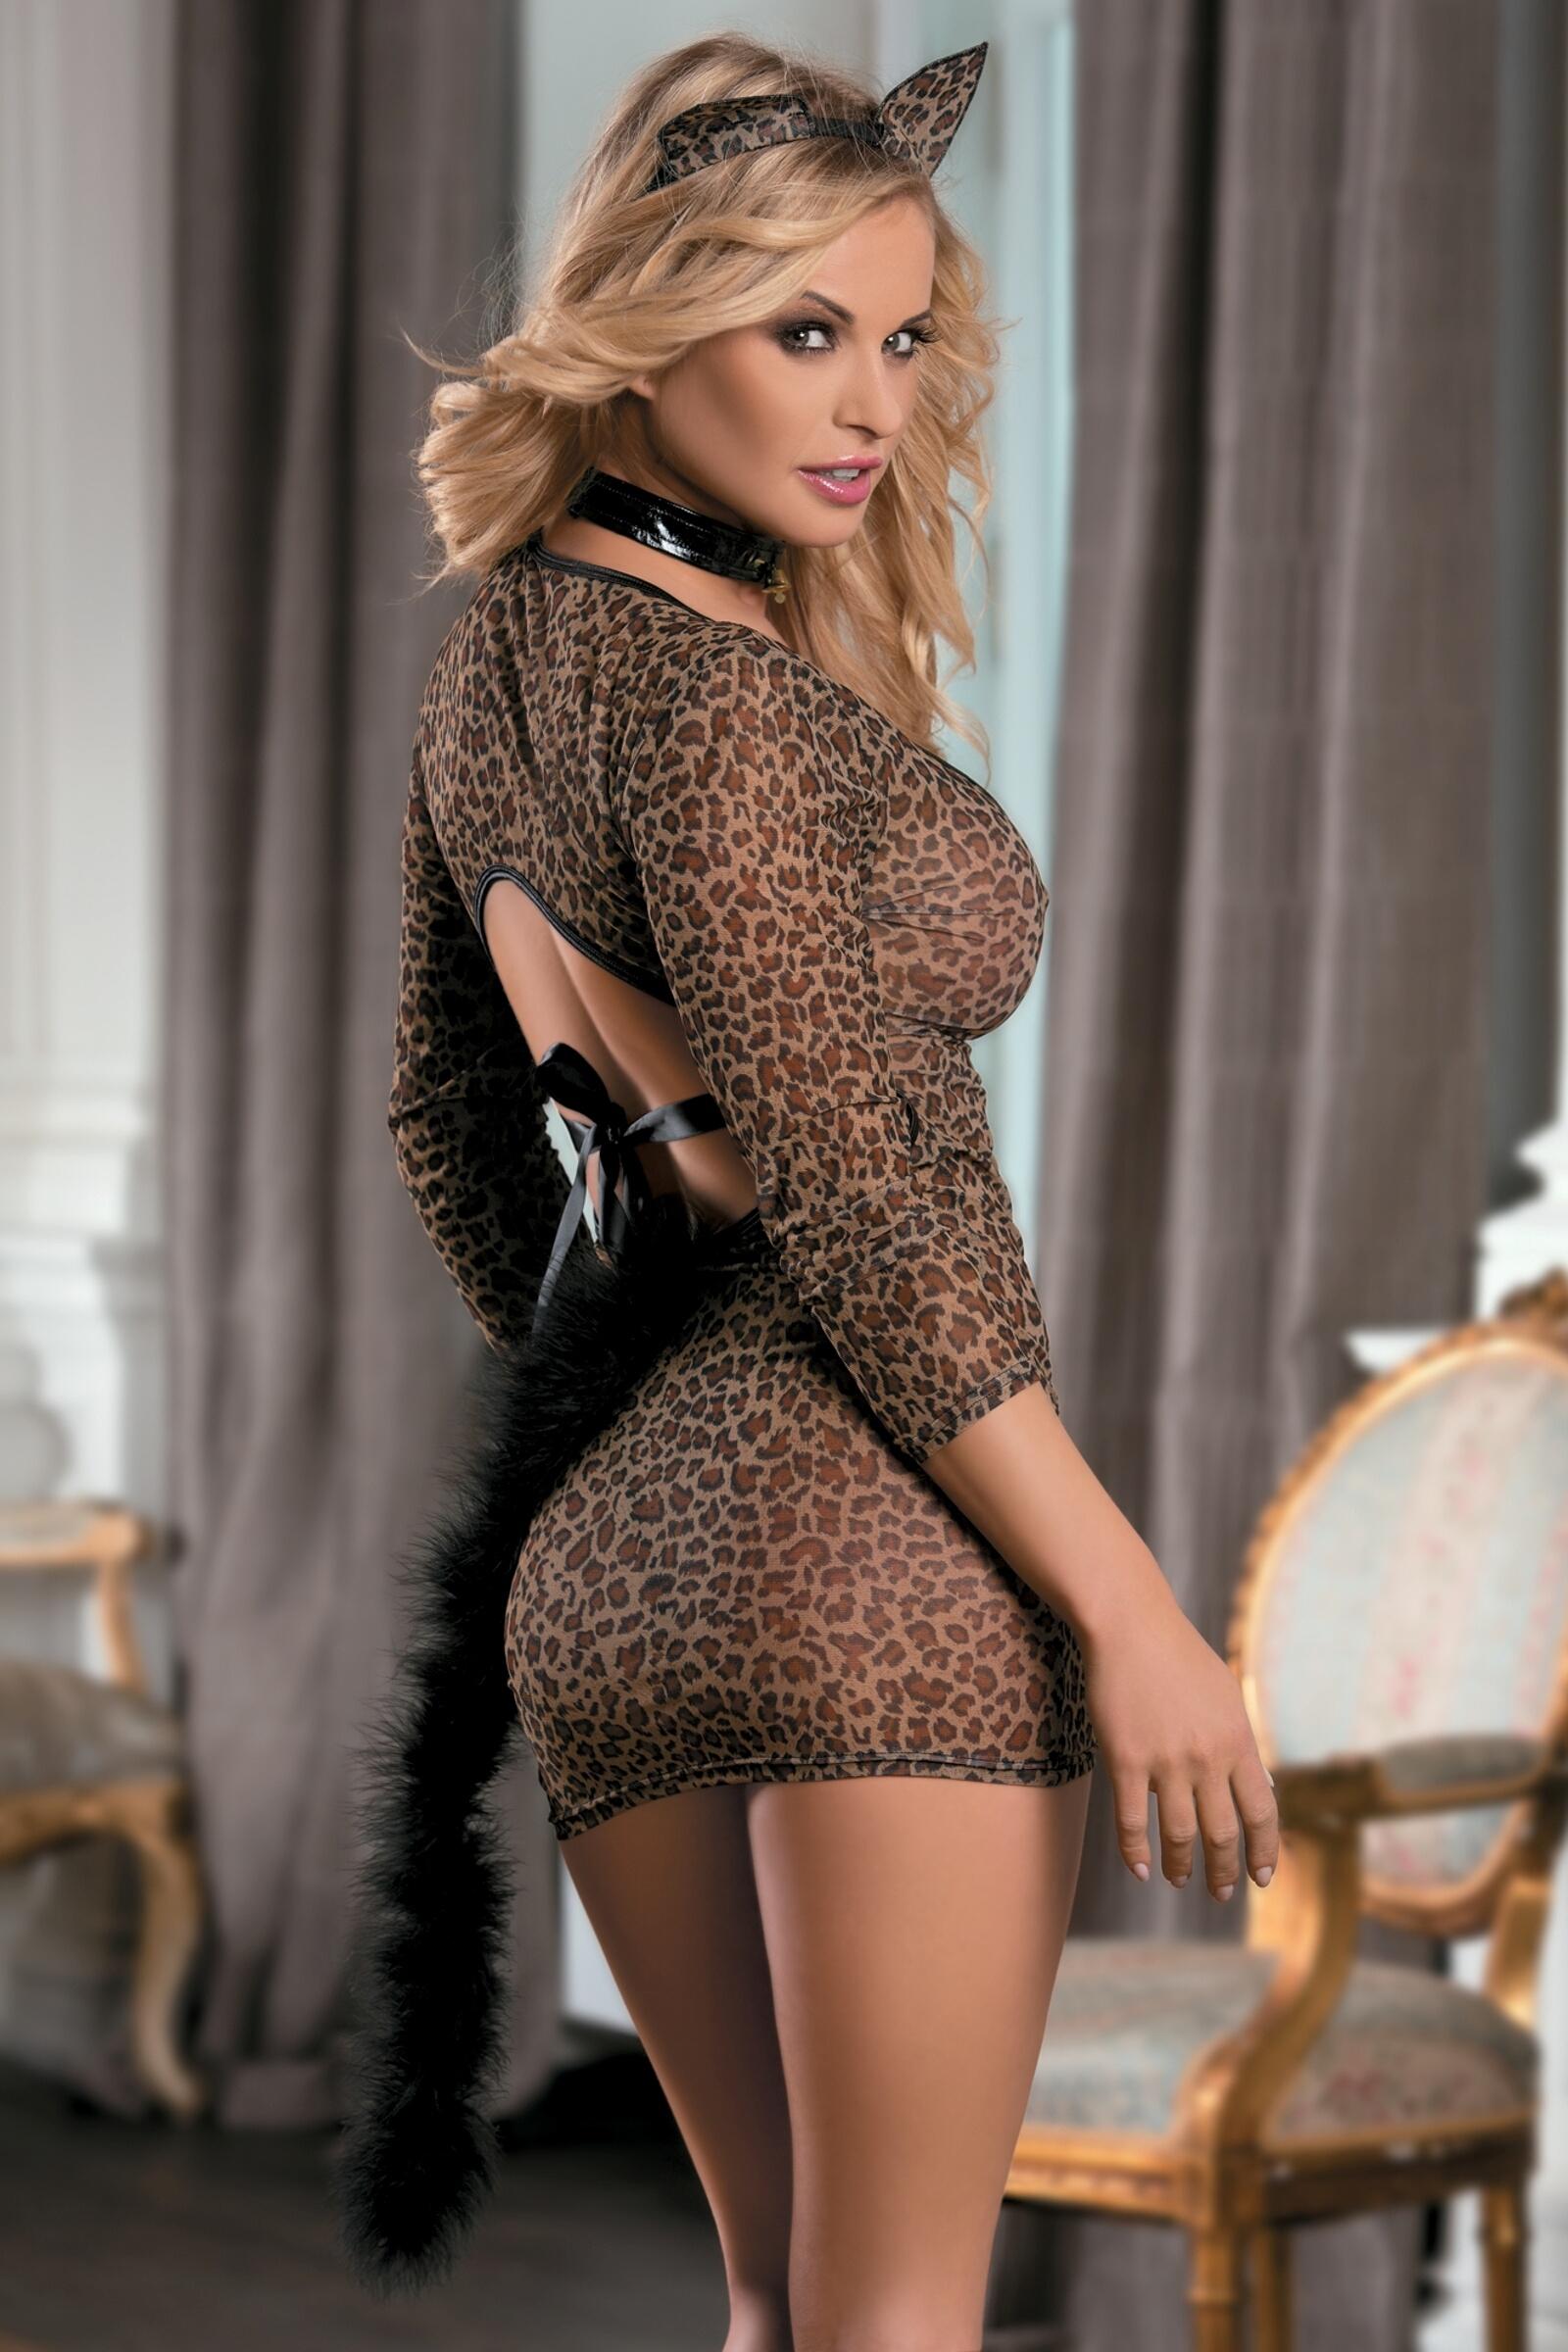 Фото девушек в эротических костюмах кошки с хвостом 23 фотография